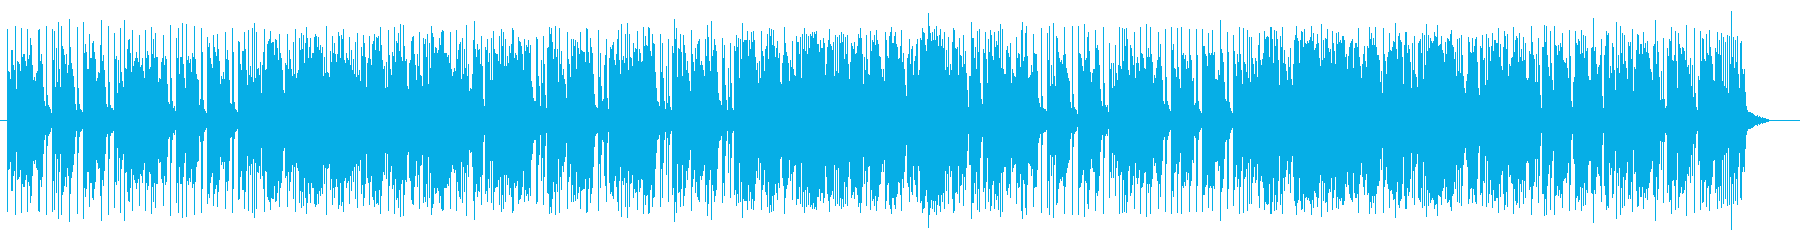 ブルージーでファンクな特徴のあるポップスの再生済みの波形